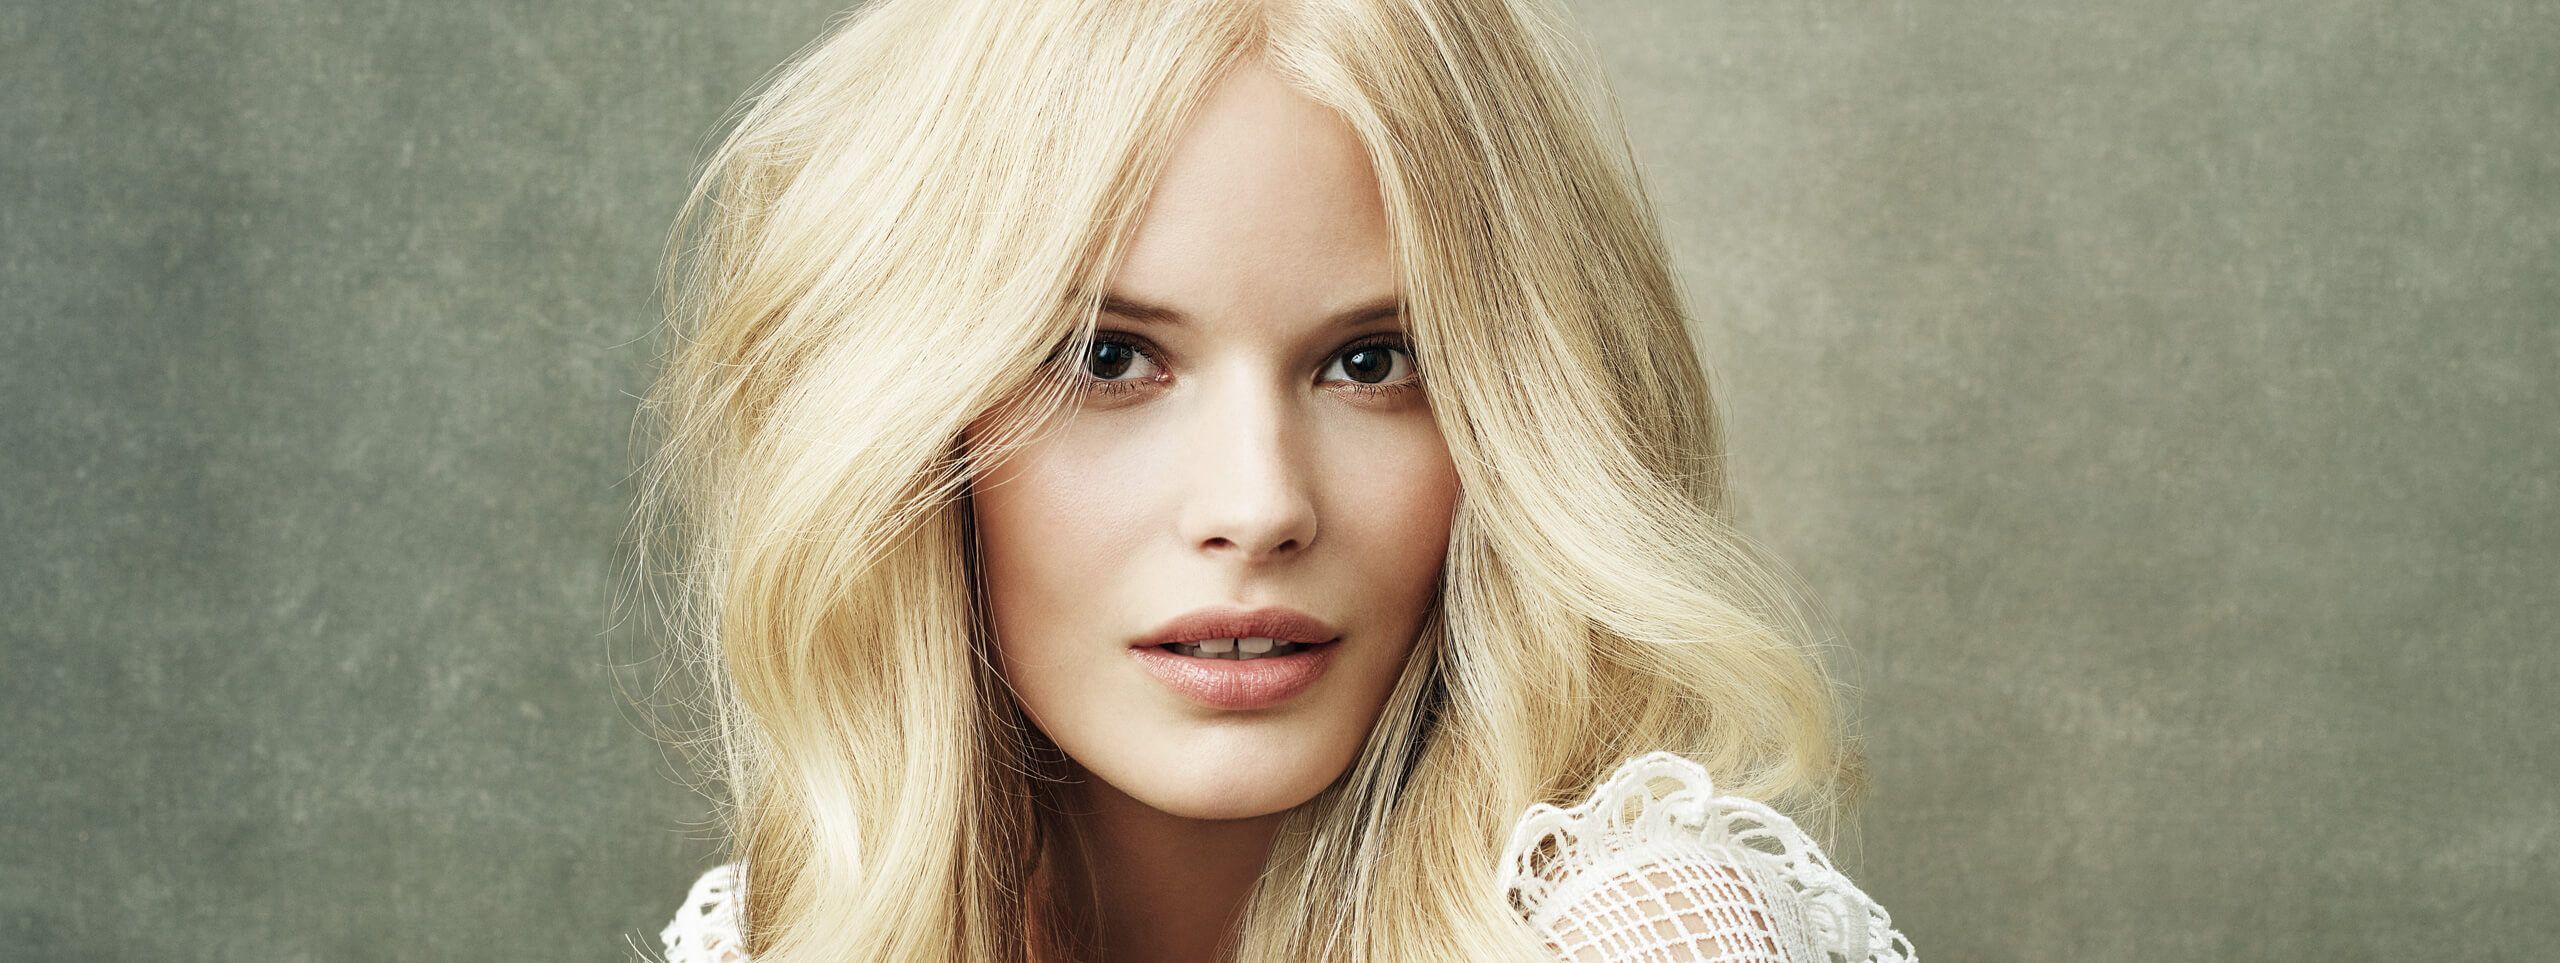 Модная прическая блонд